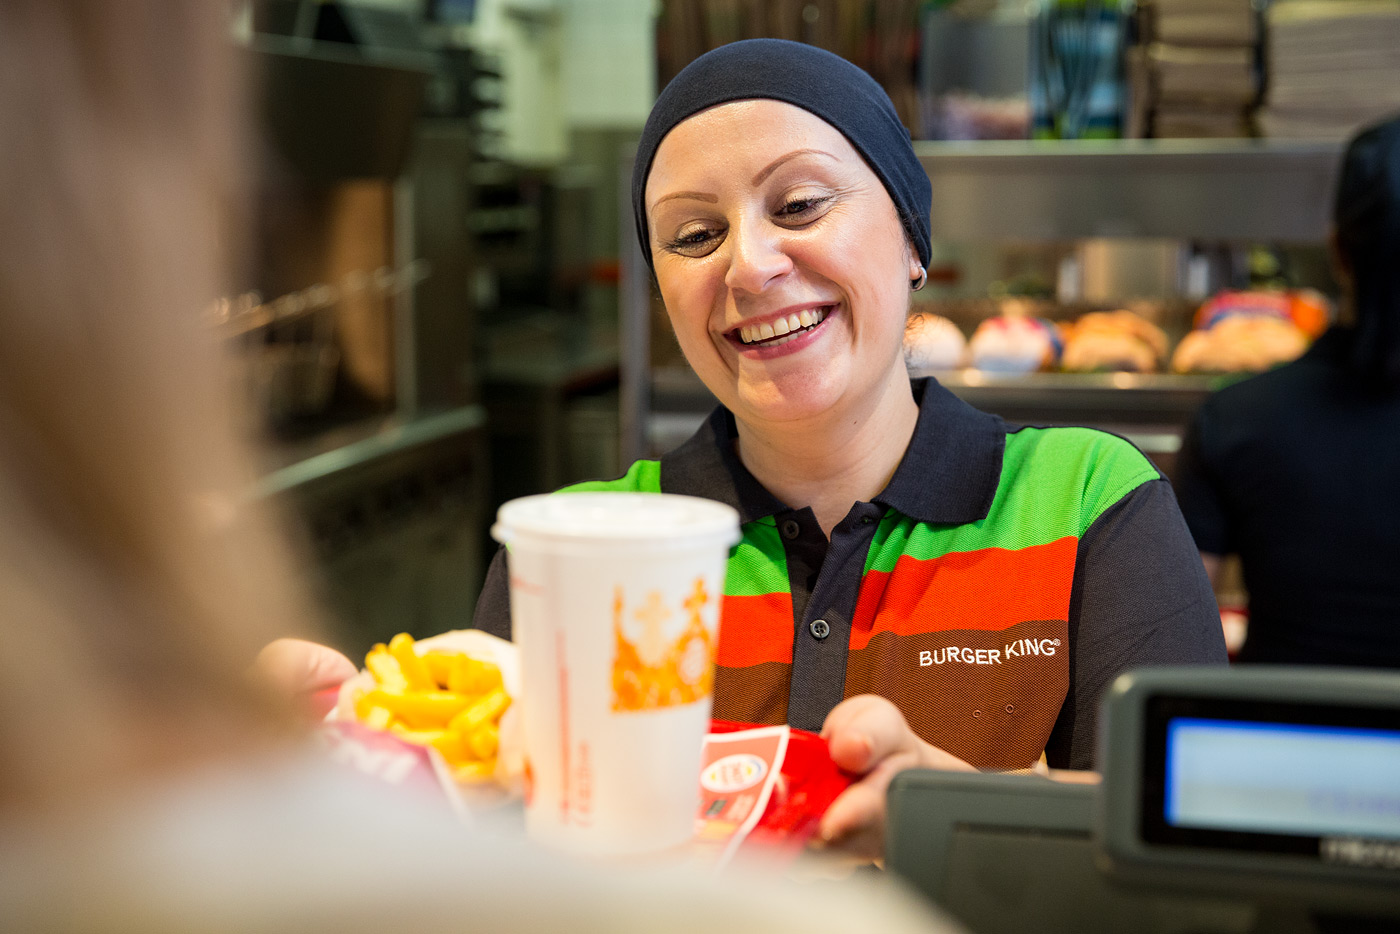 Burger King dame kassa